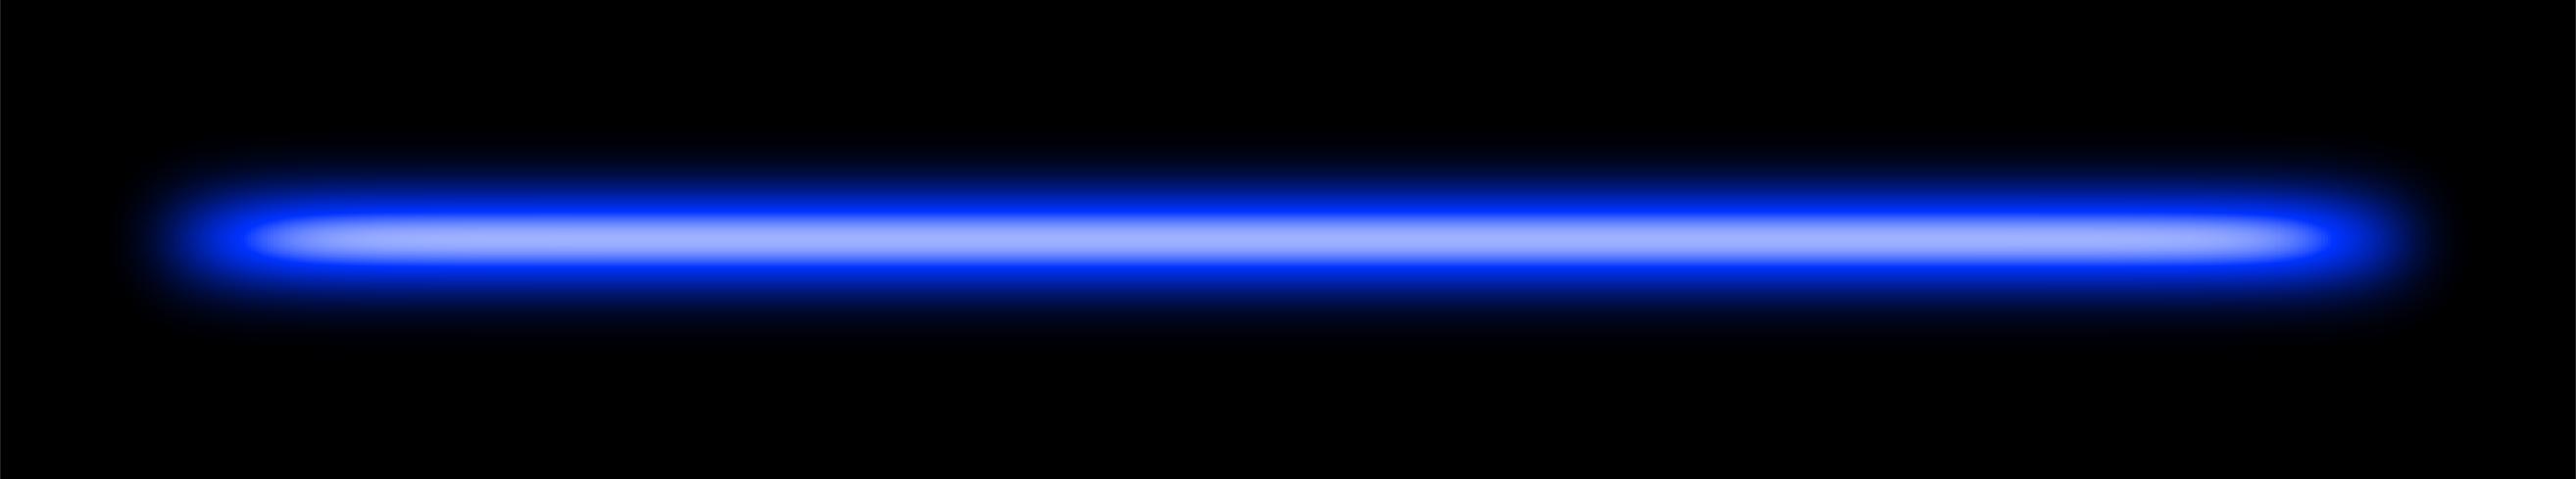 450 nm (blue) uniform laser line